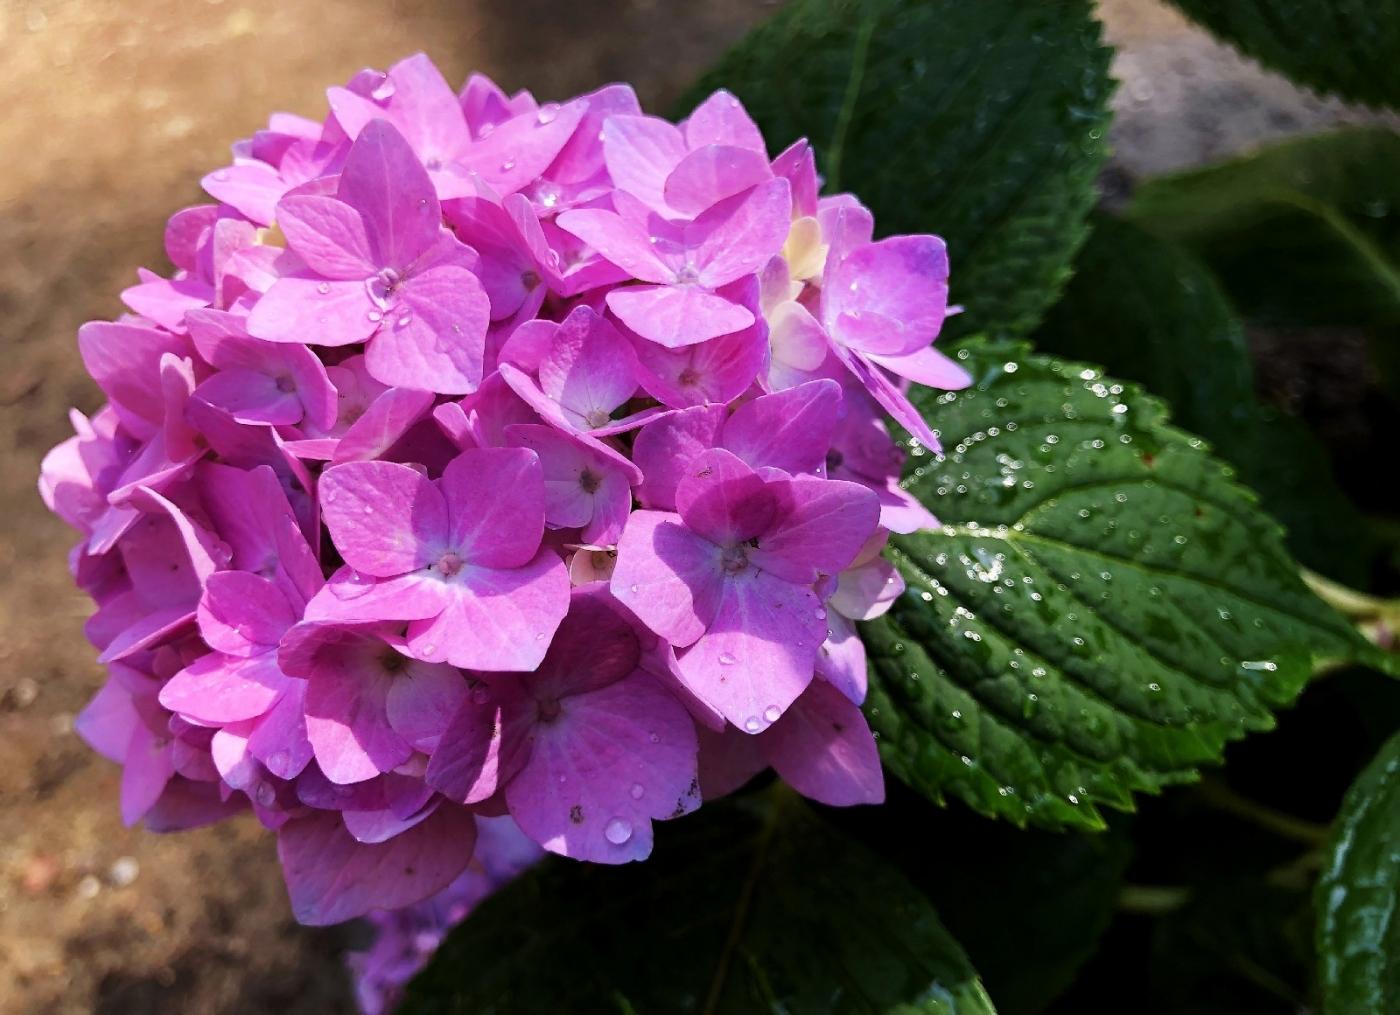 【田螺手机摄影】我种的双色绣球花_图1-8